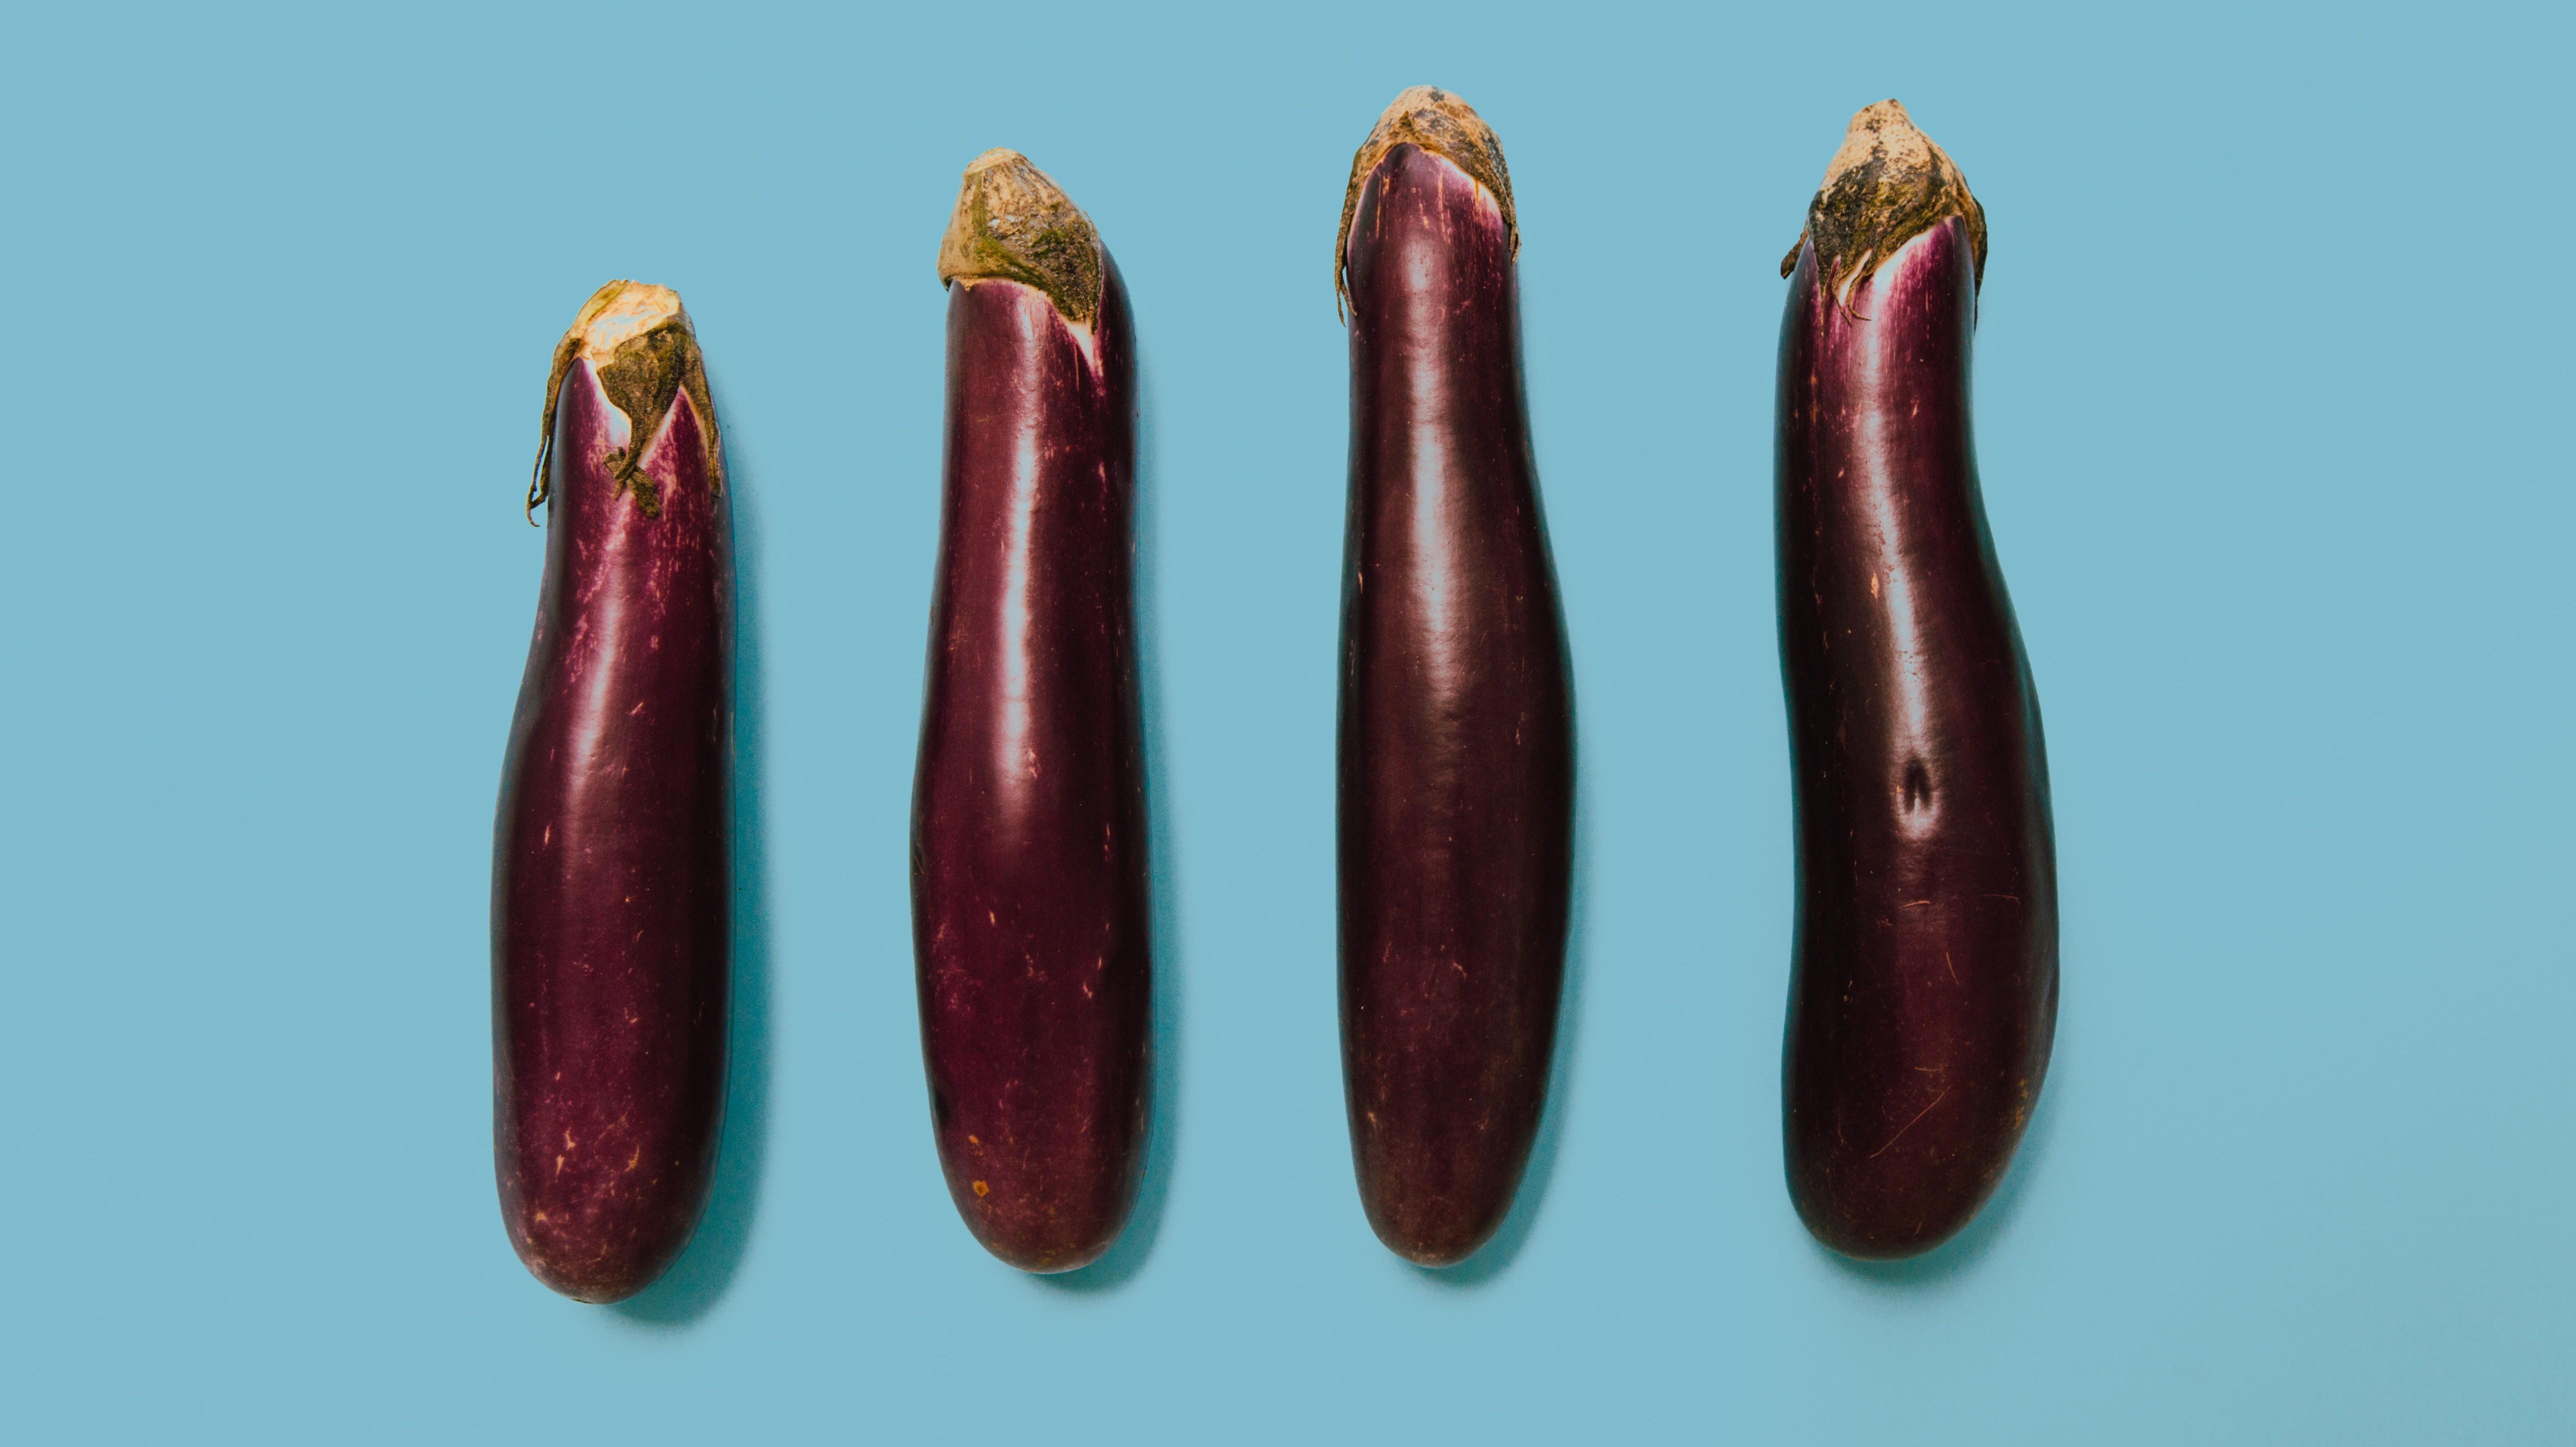 De ce dispare apetitul sexual - sapte intrebari si raspunsuri   Medlife